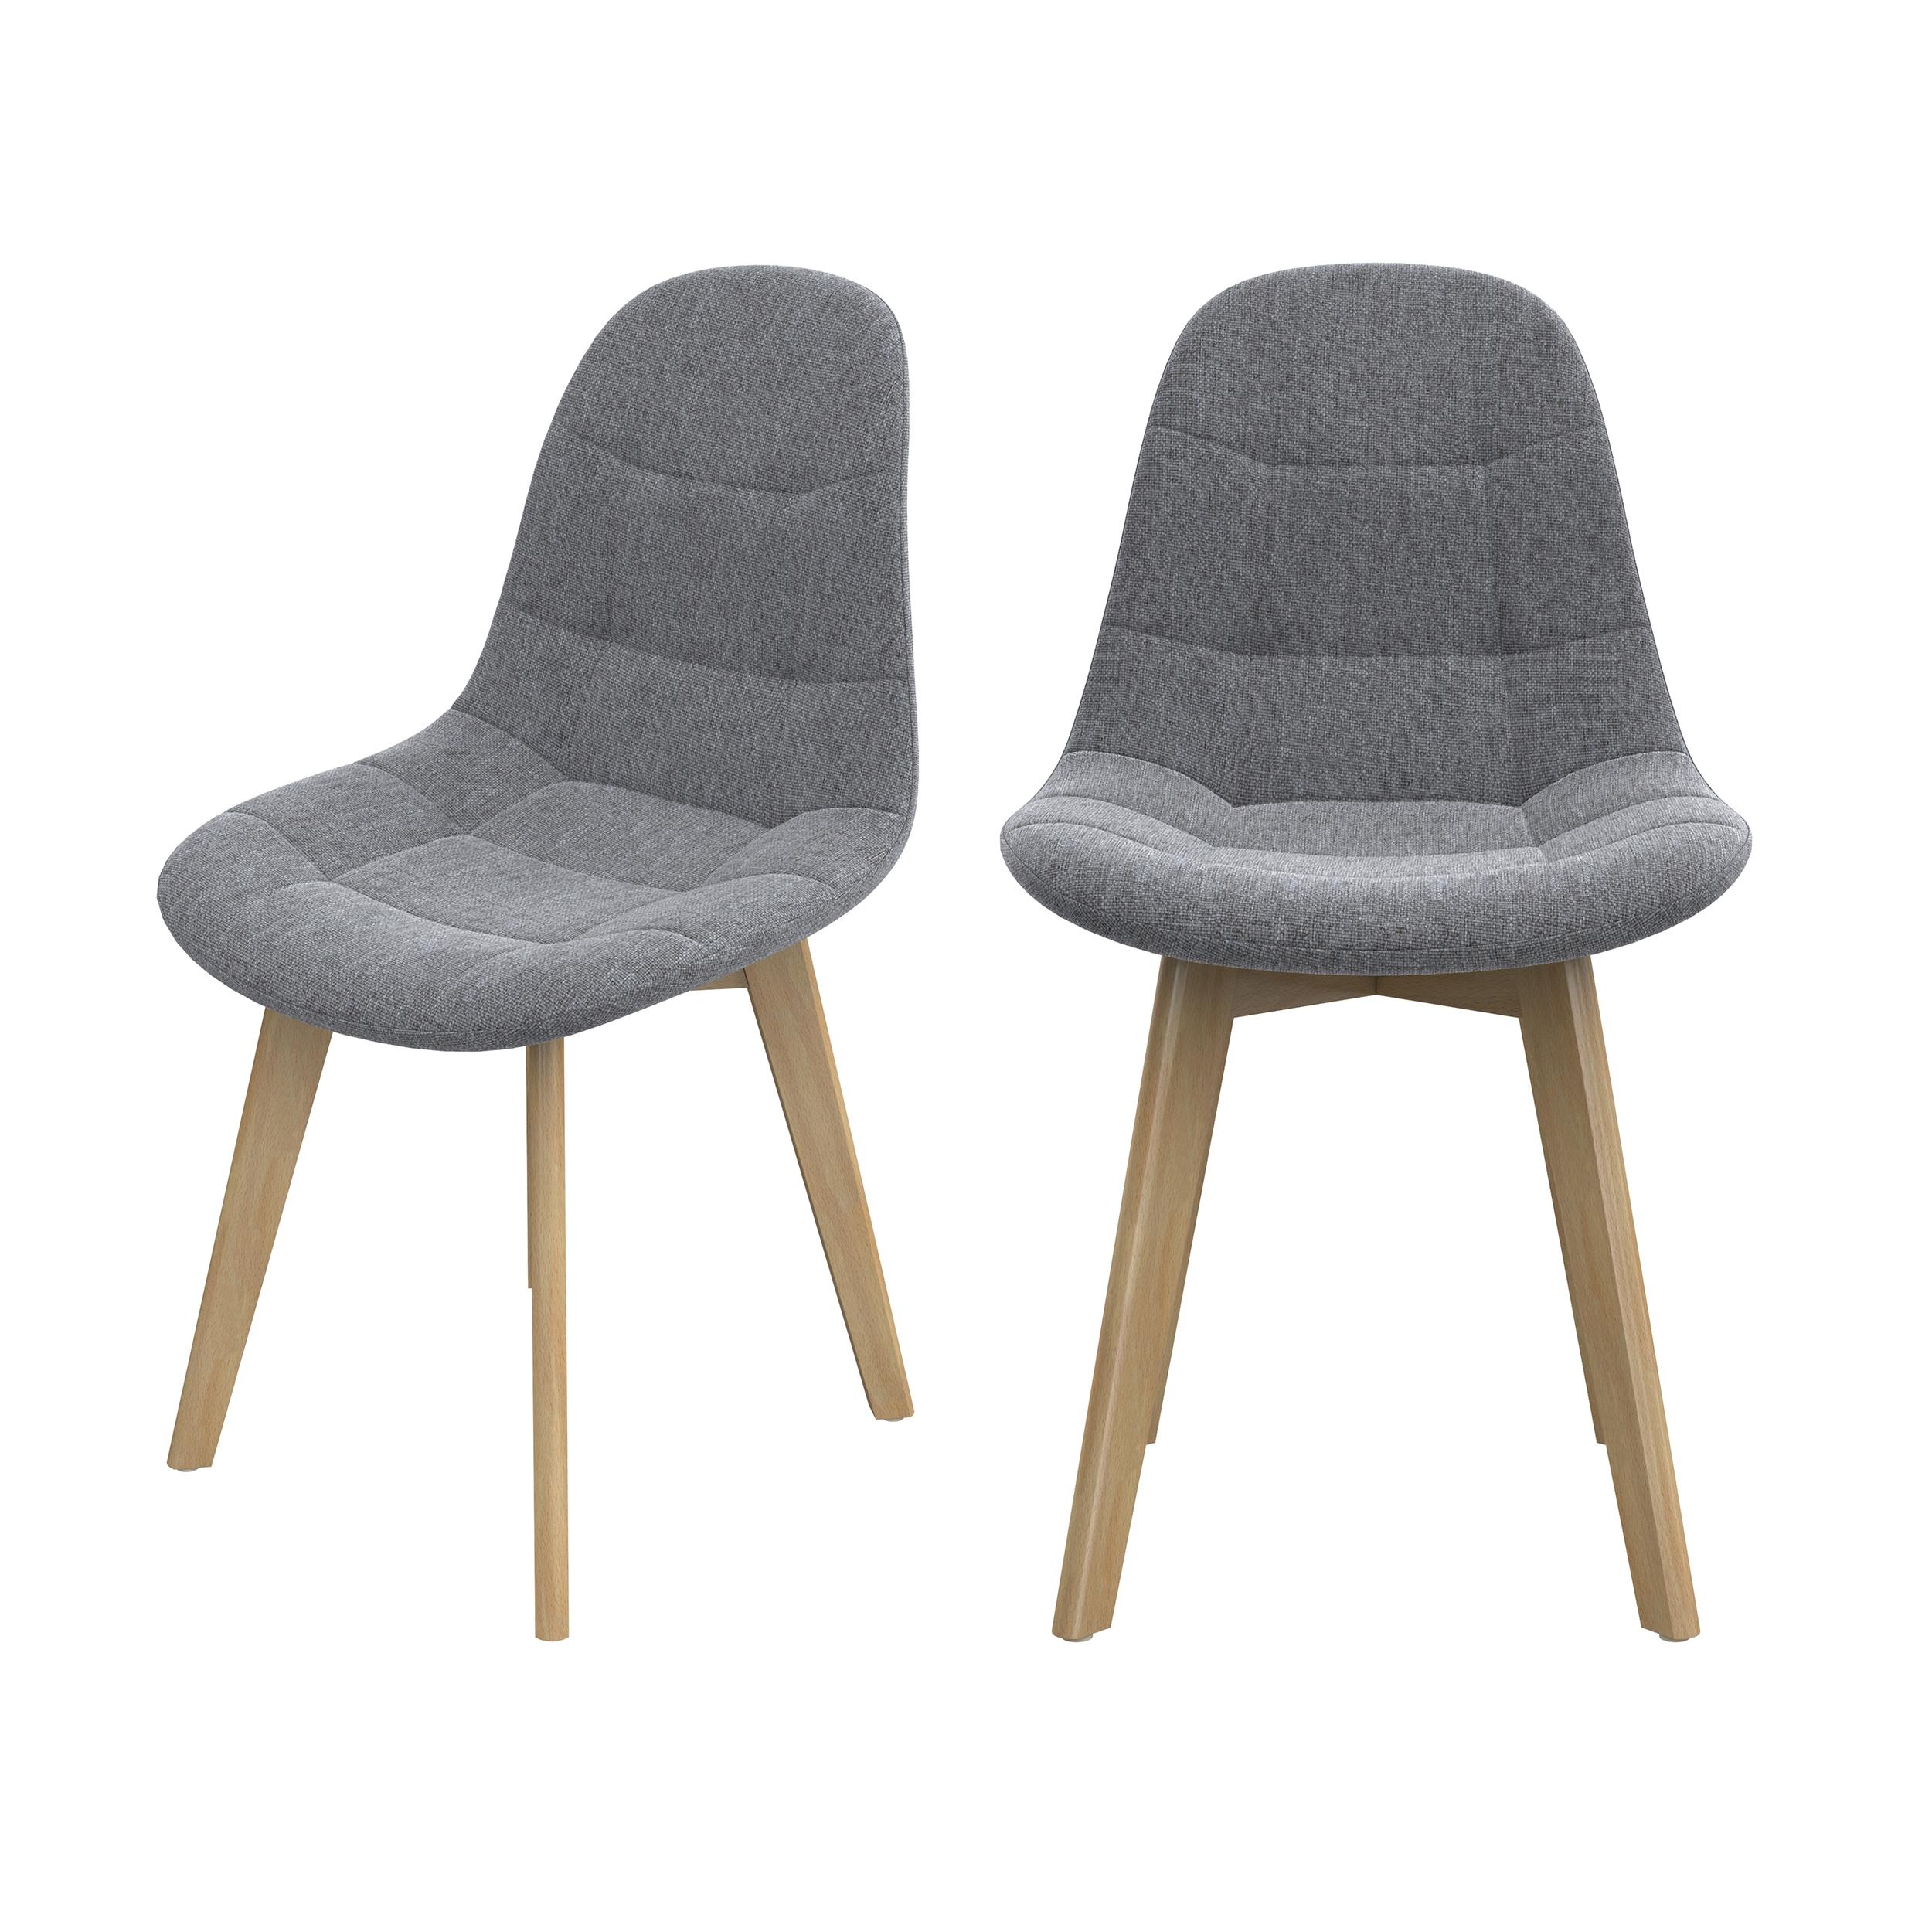 Chaise scandinave gris clair pieds bois d'hêtre (lot de 2)